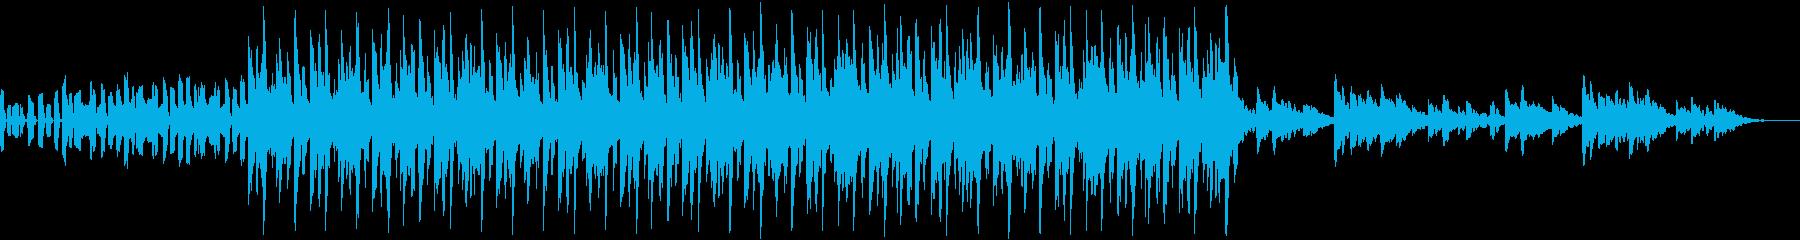 明るい、楽しい、爽やか、EDMの再生済みの波形